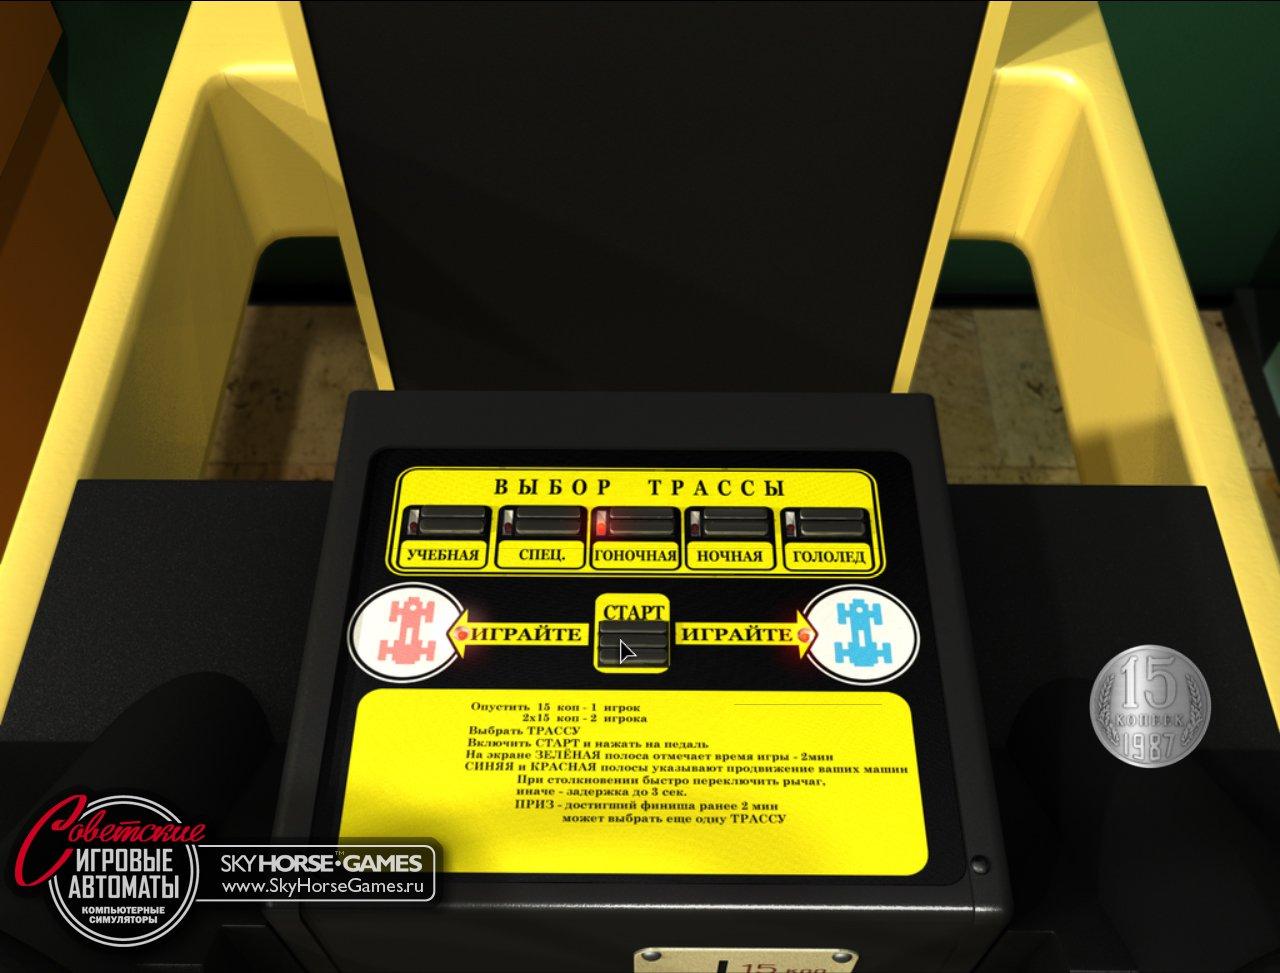 Симуляторы Игровых Автоматов Играть